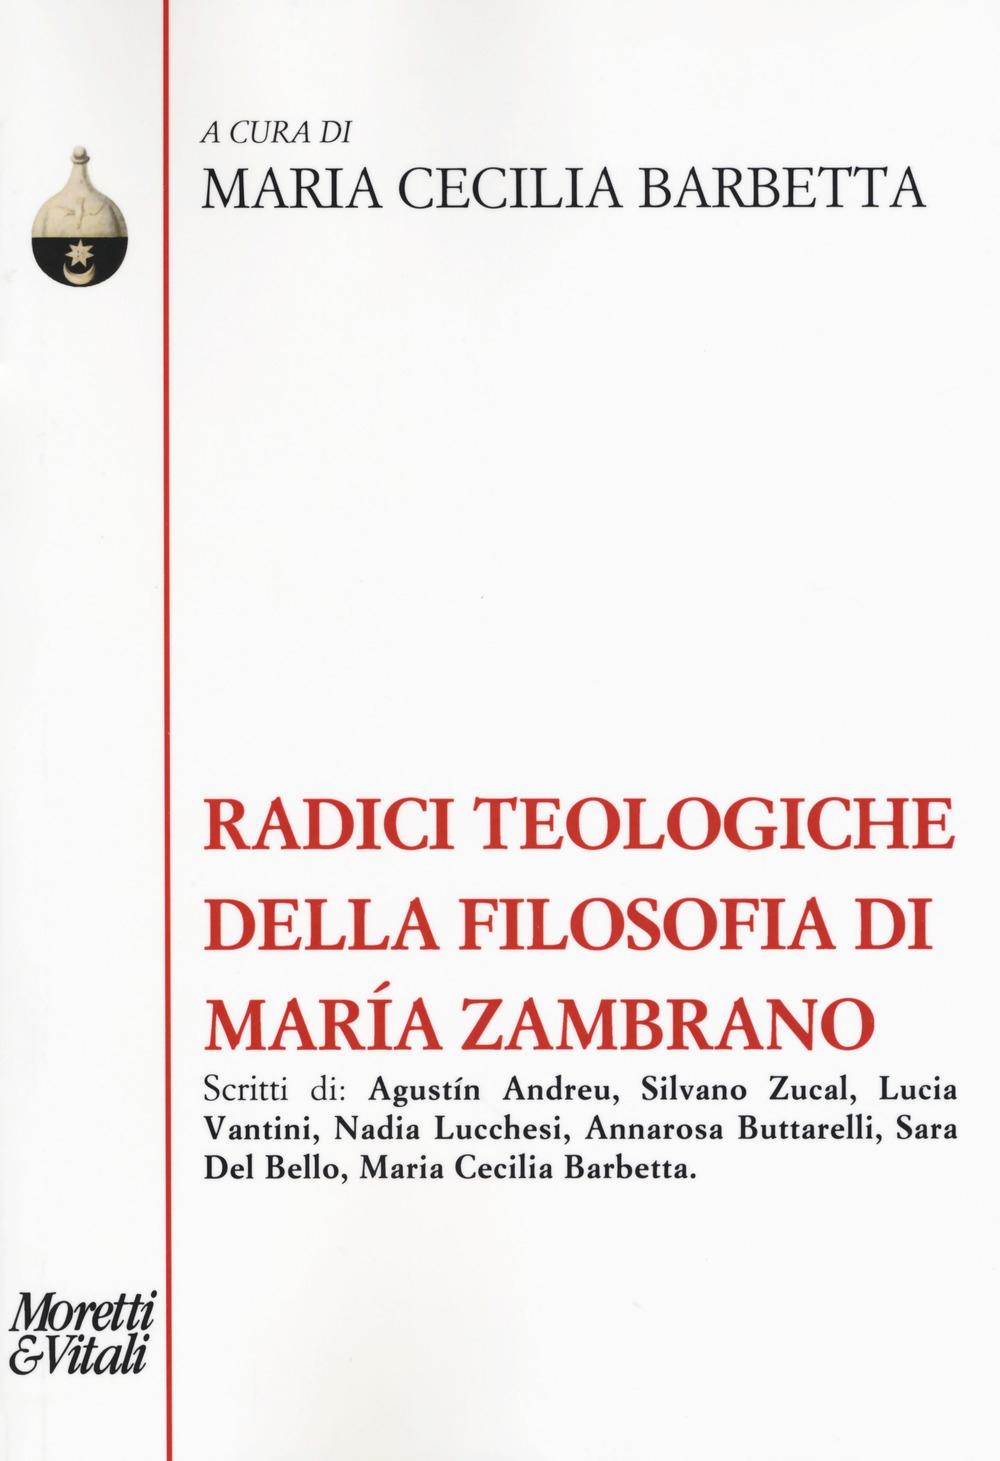 Radici teologiche della filosofia di Maria Zambrano